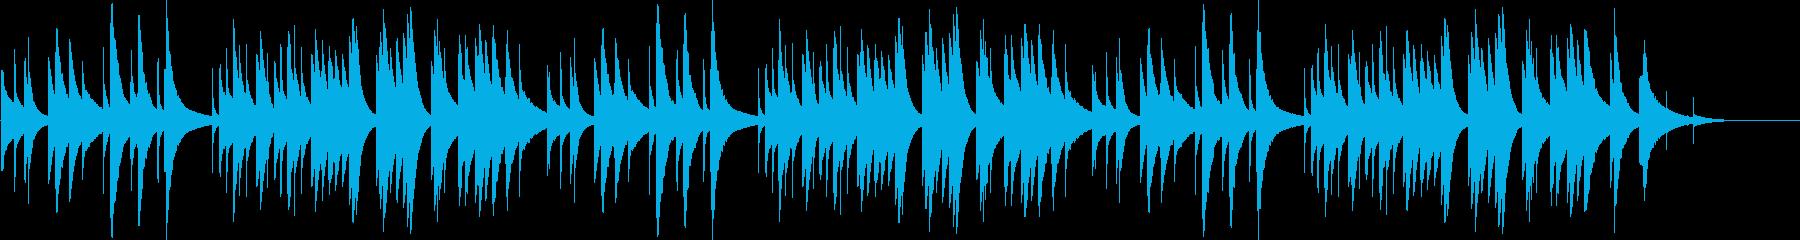 もろびとこぞりて【オルゴール】の再生済みの波形